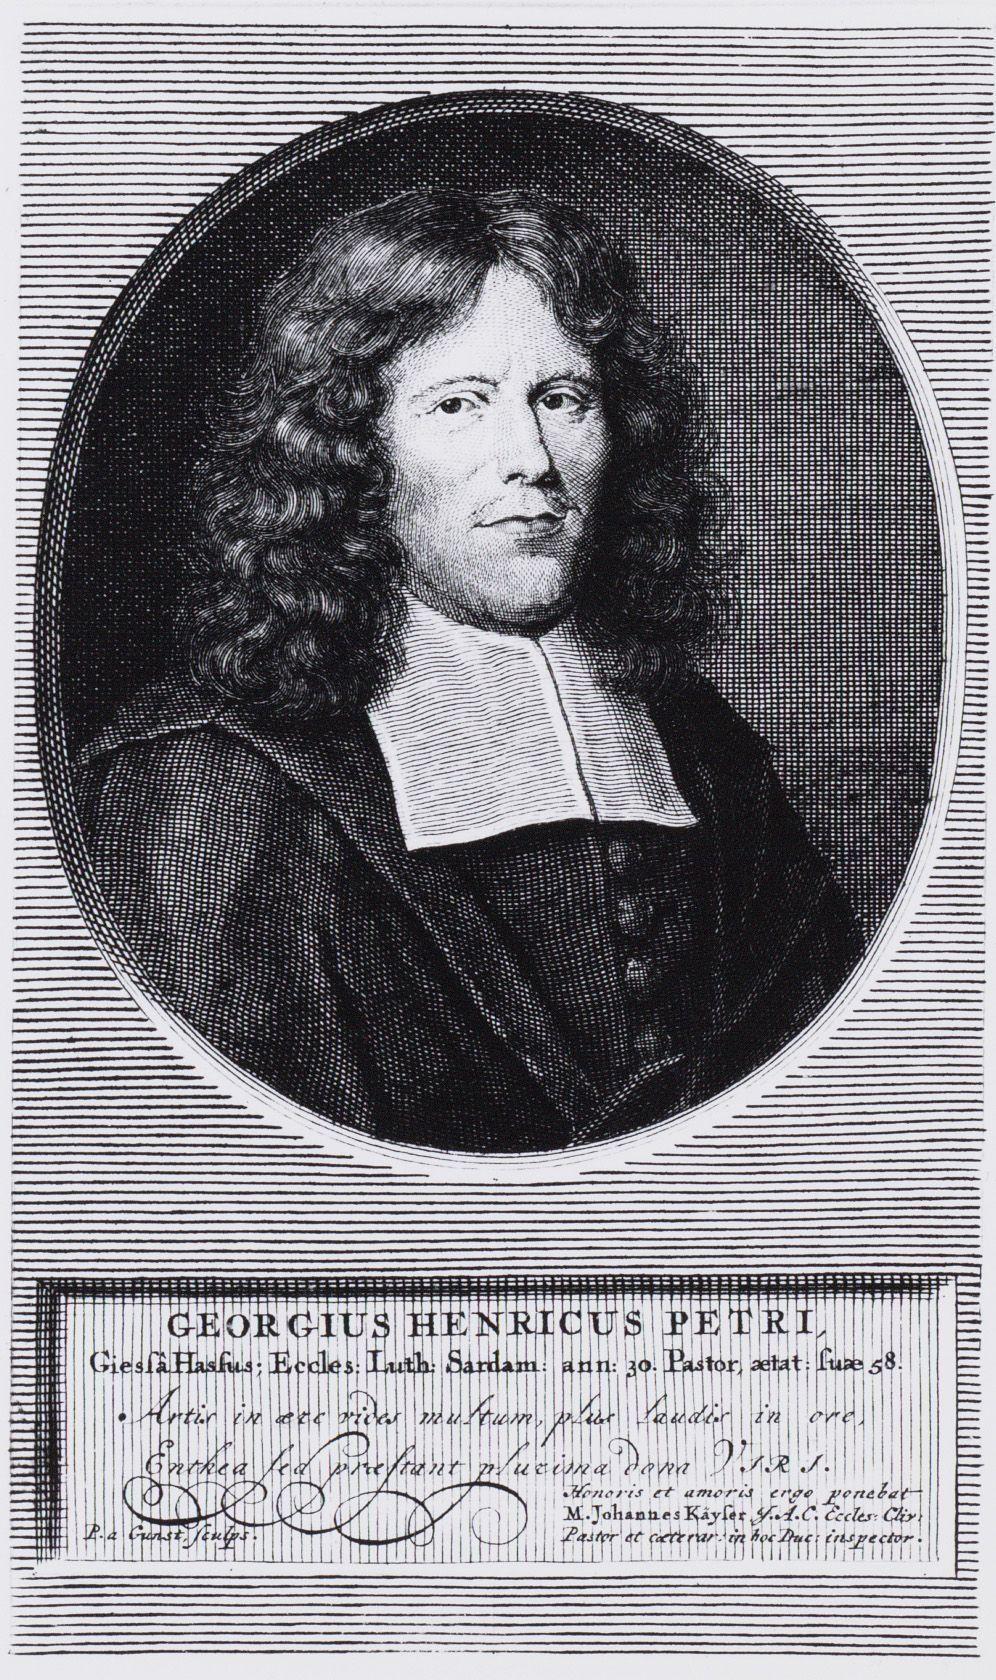 Portret van de Evangelisch-Lutherse dominee Georgius Henricus Petri (1644-1703).